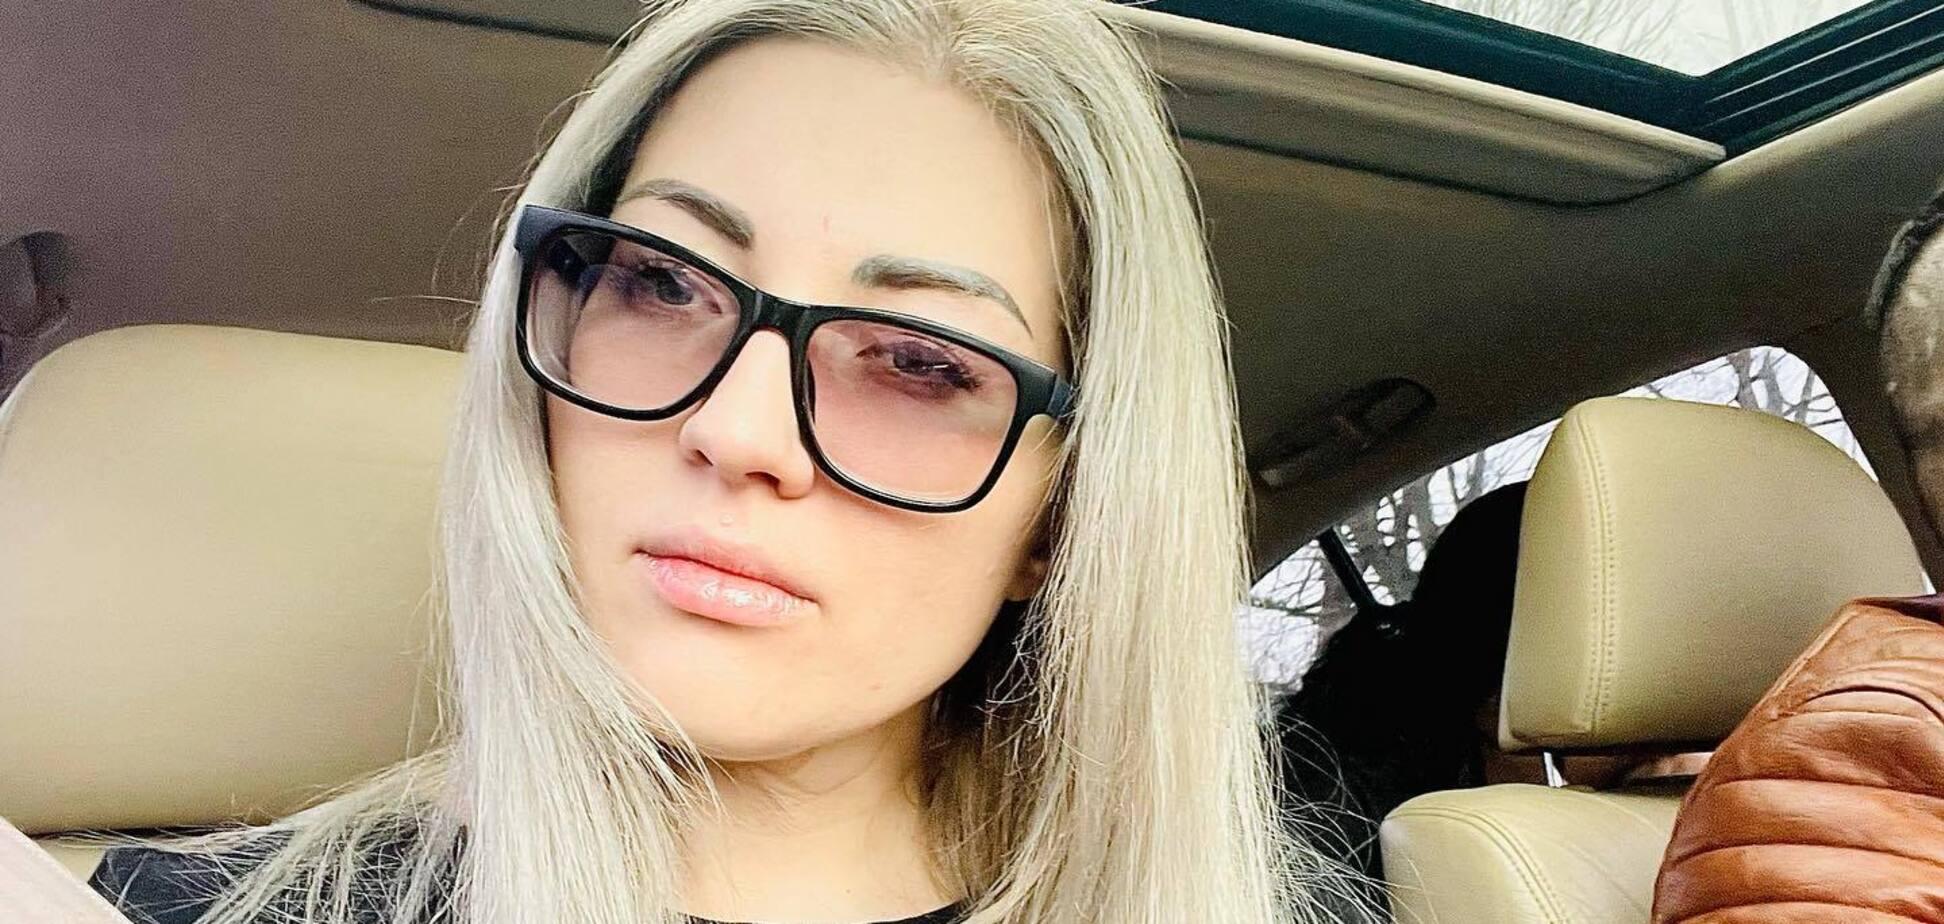 Менеджера 'Укрпошти' зацькували в мережі через жарти про секс